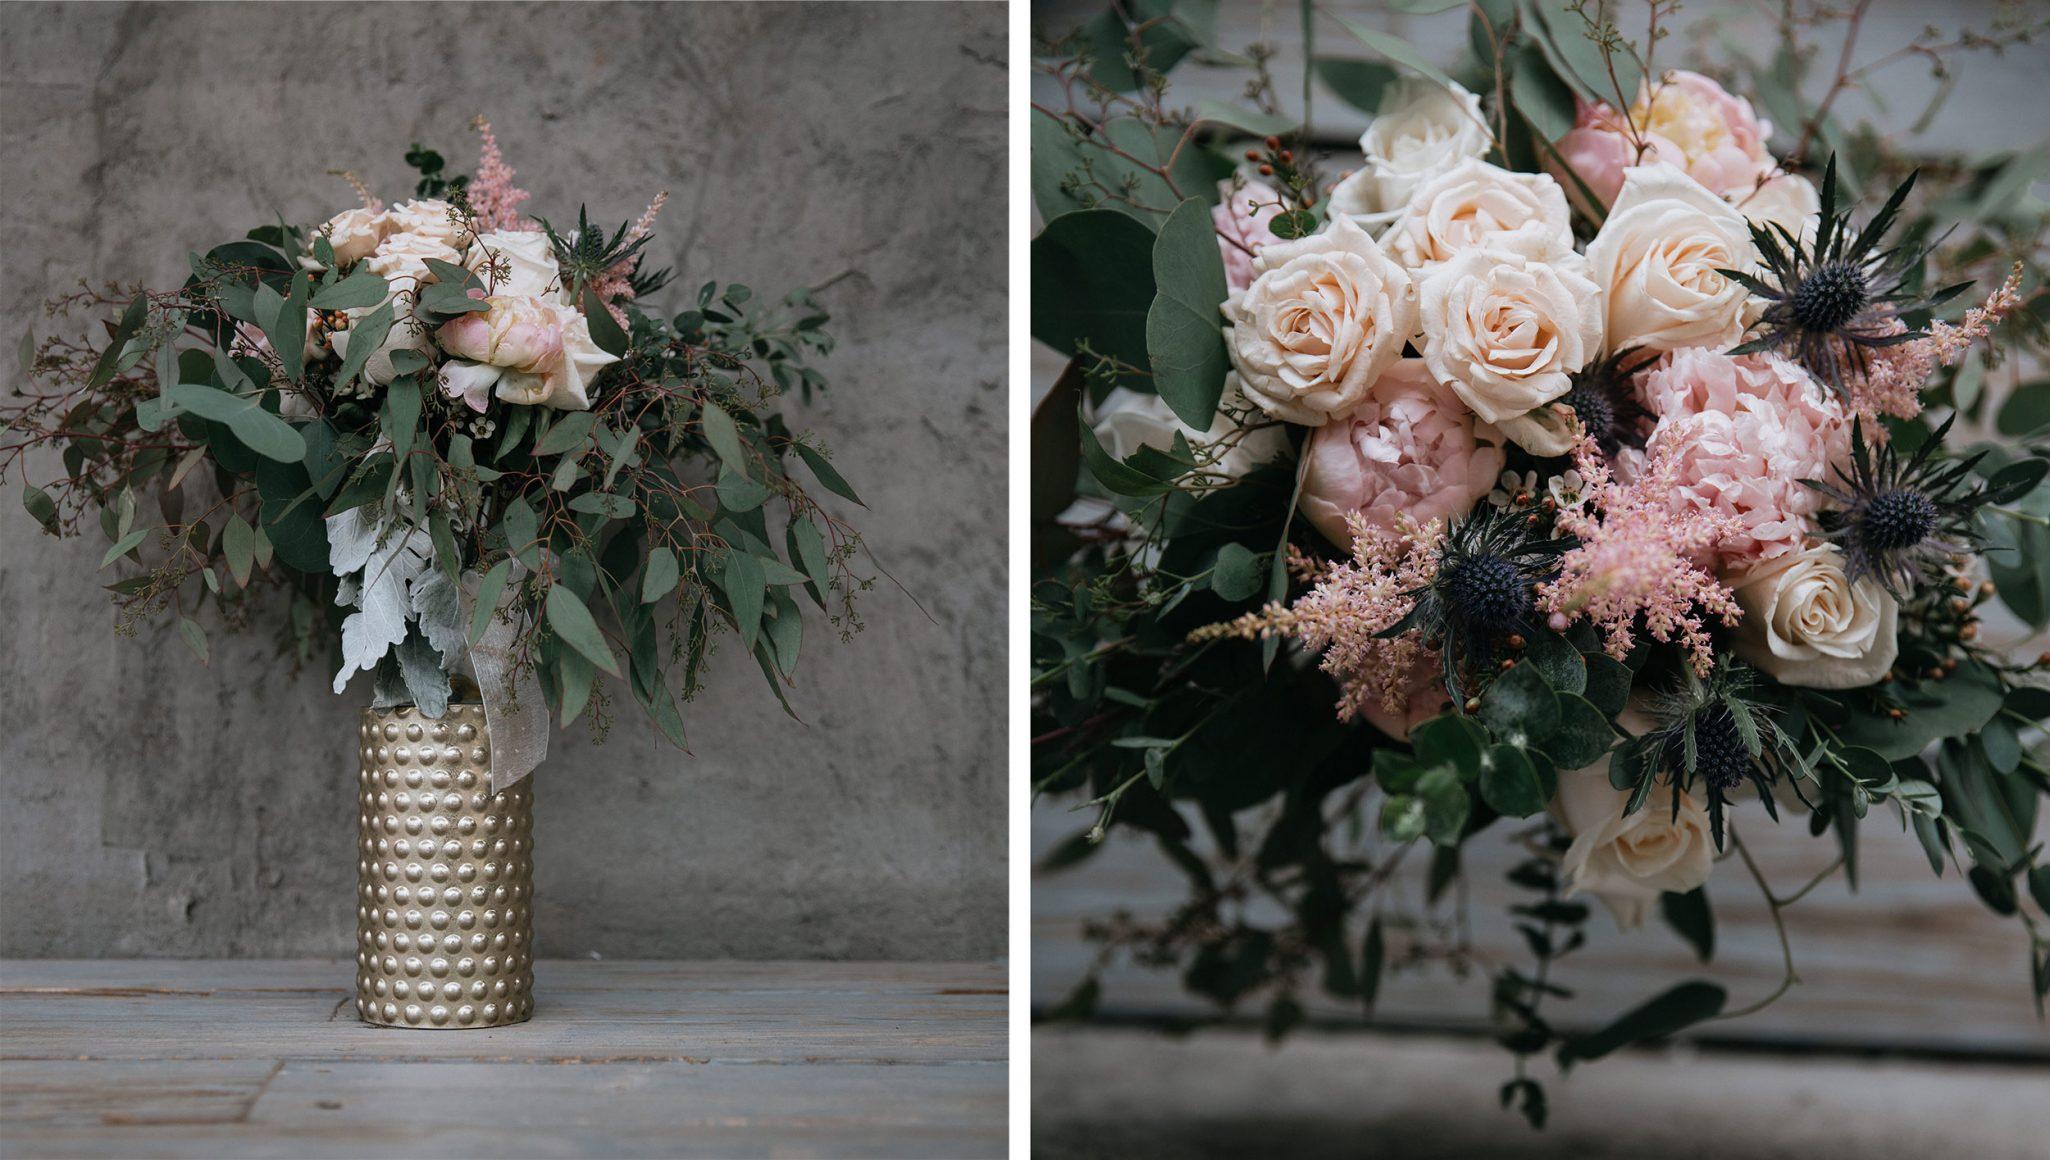 Wedding florals - Durango Weddings Magazine